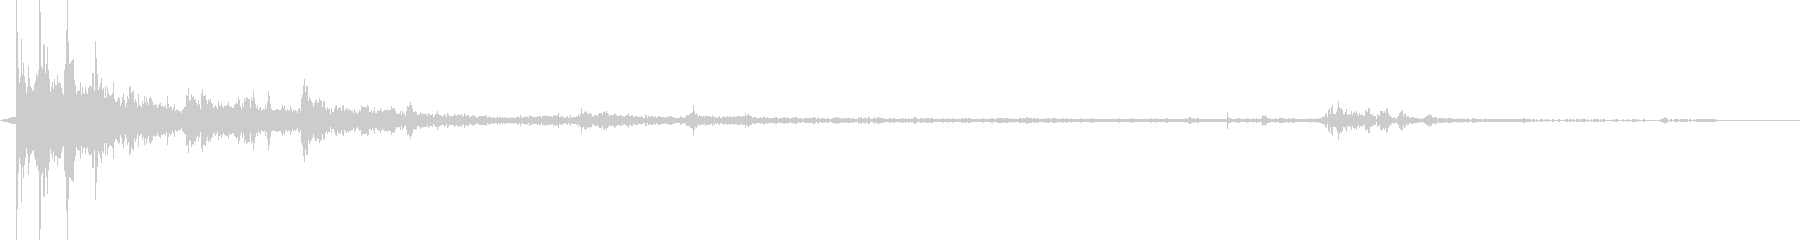 大規模なサンダークラック、バックグ...の未再生の波形